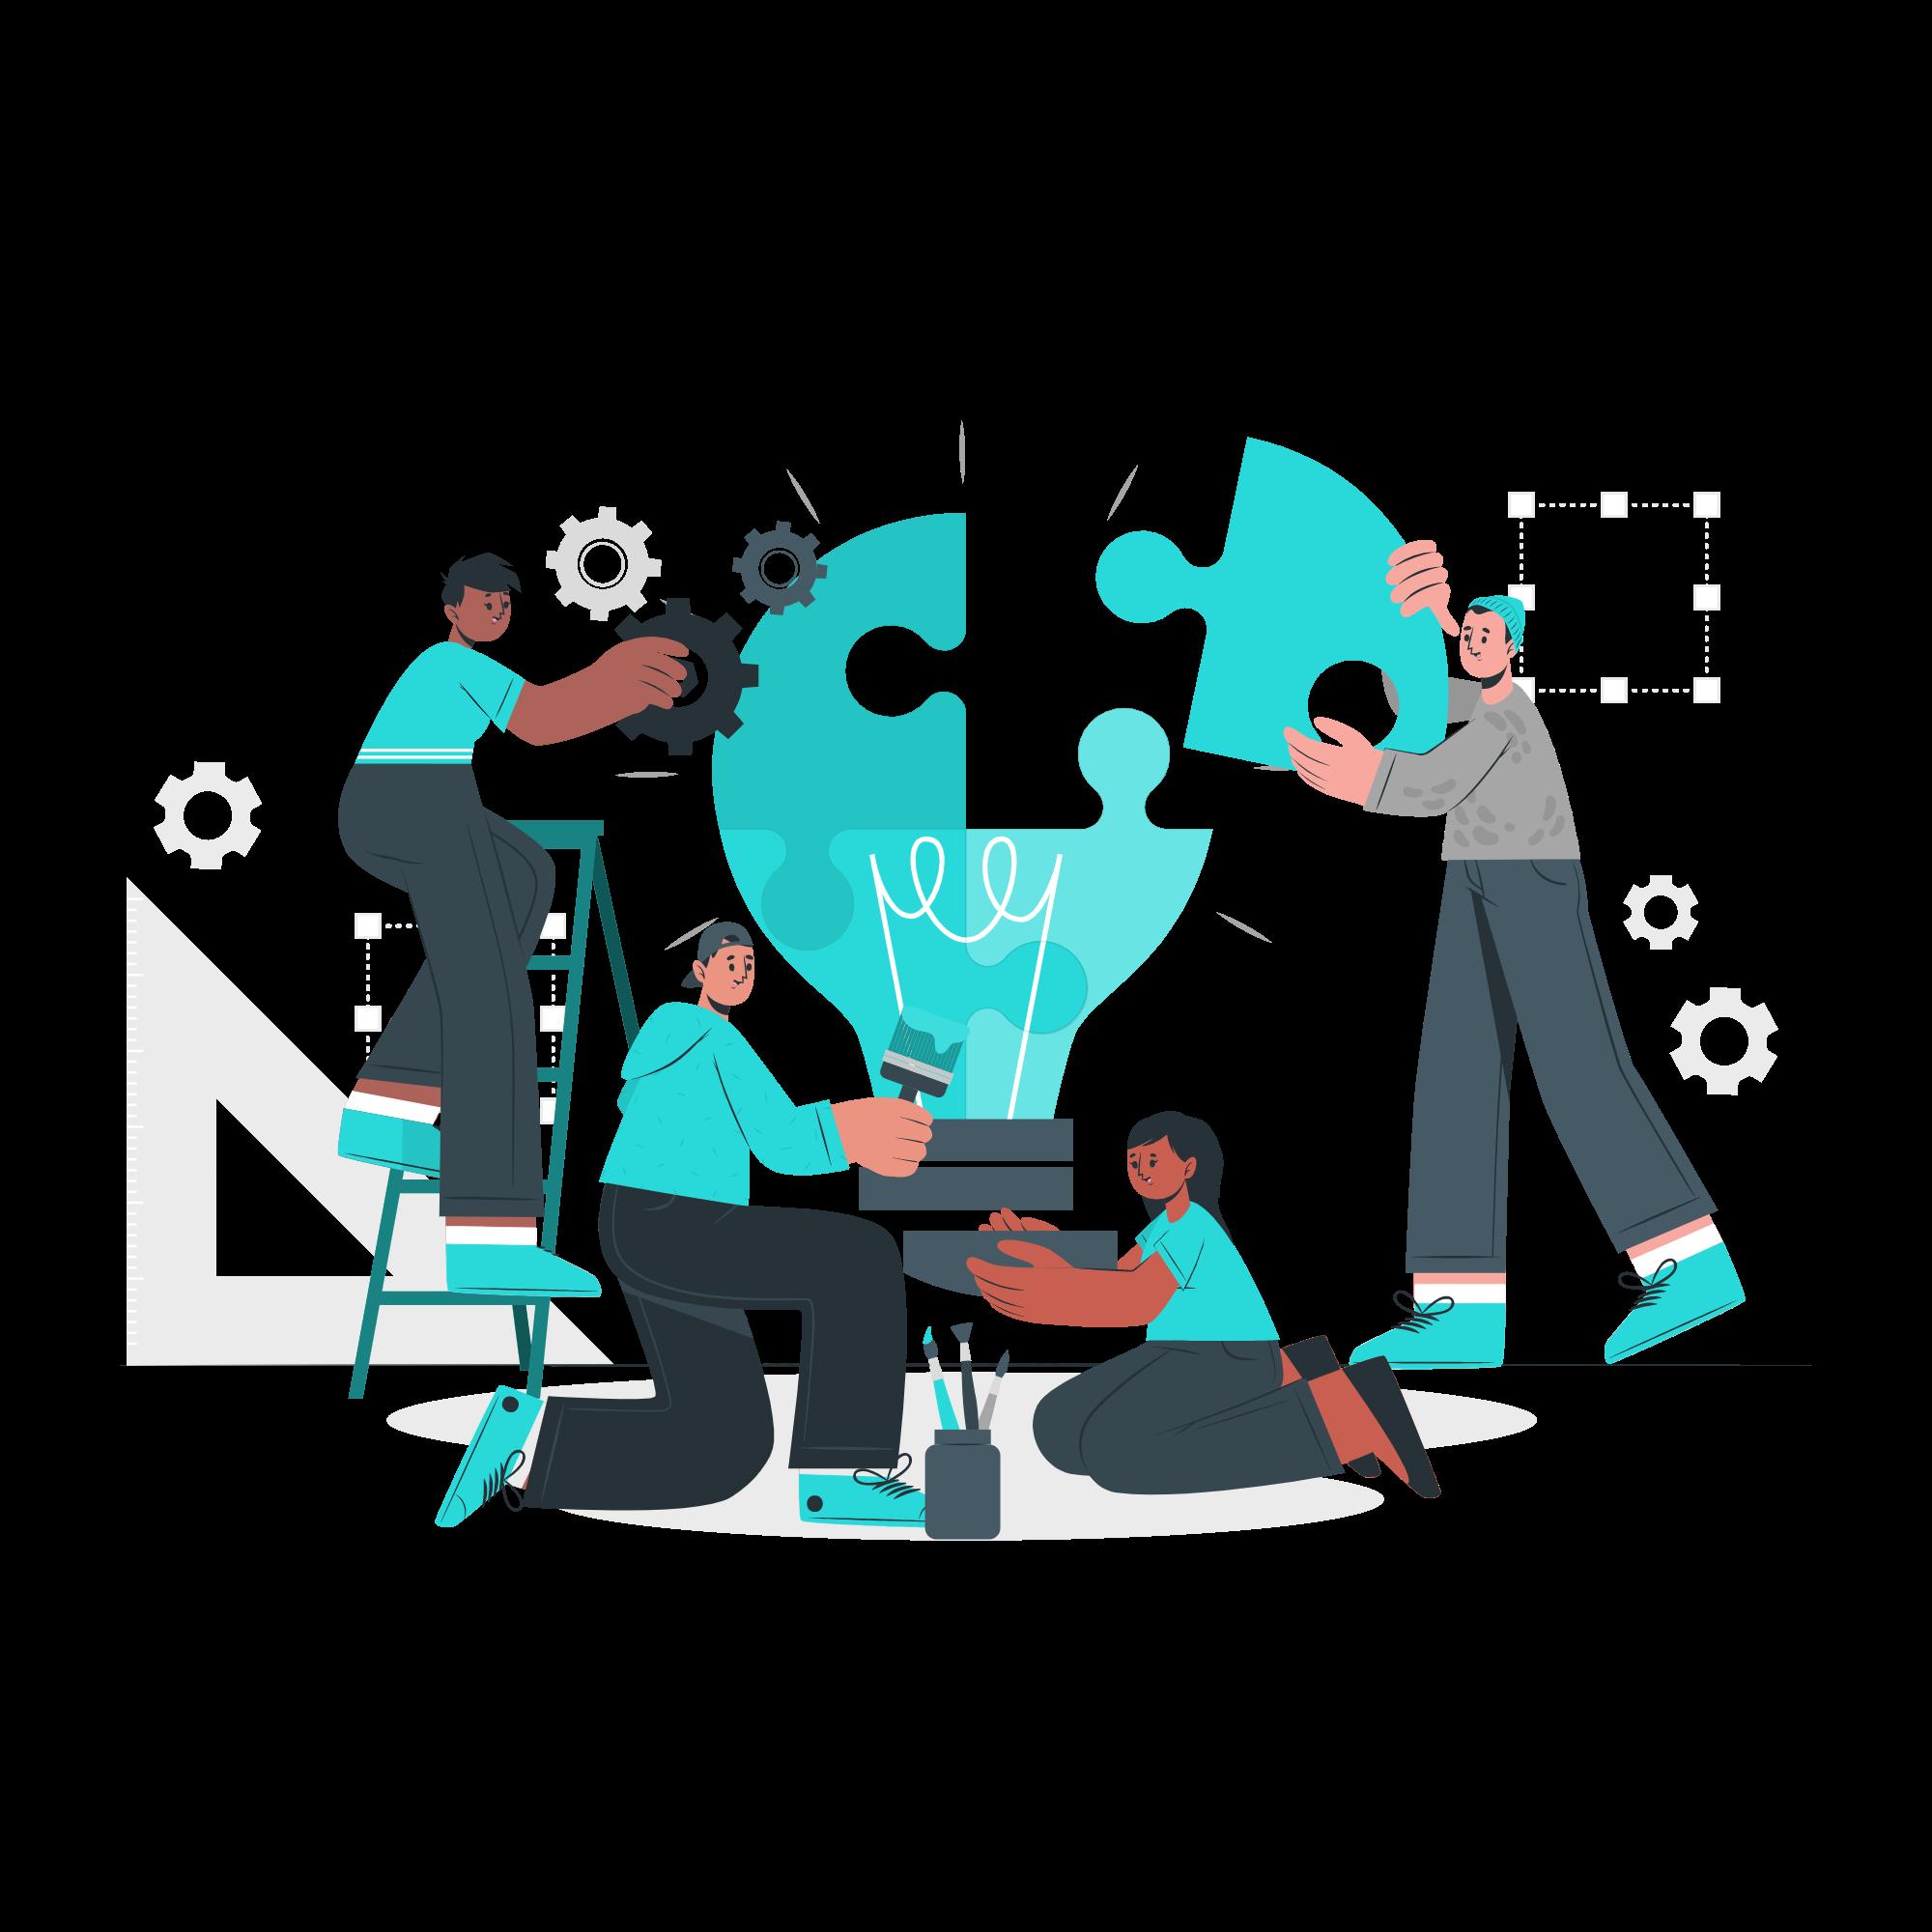 Creative team- KGM 1